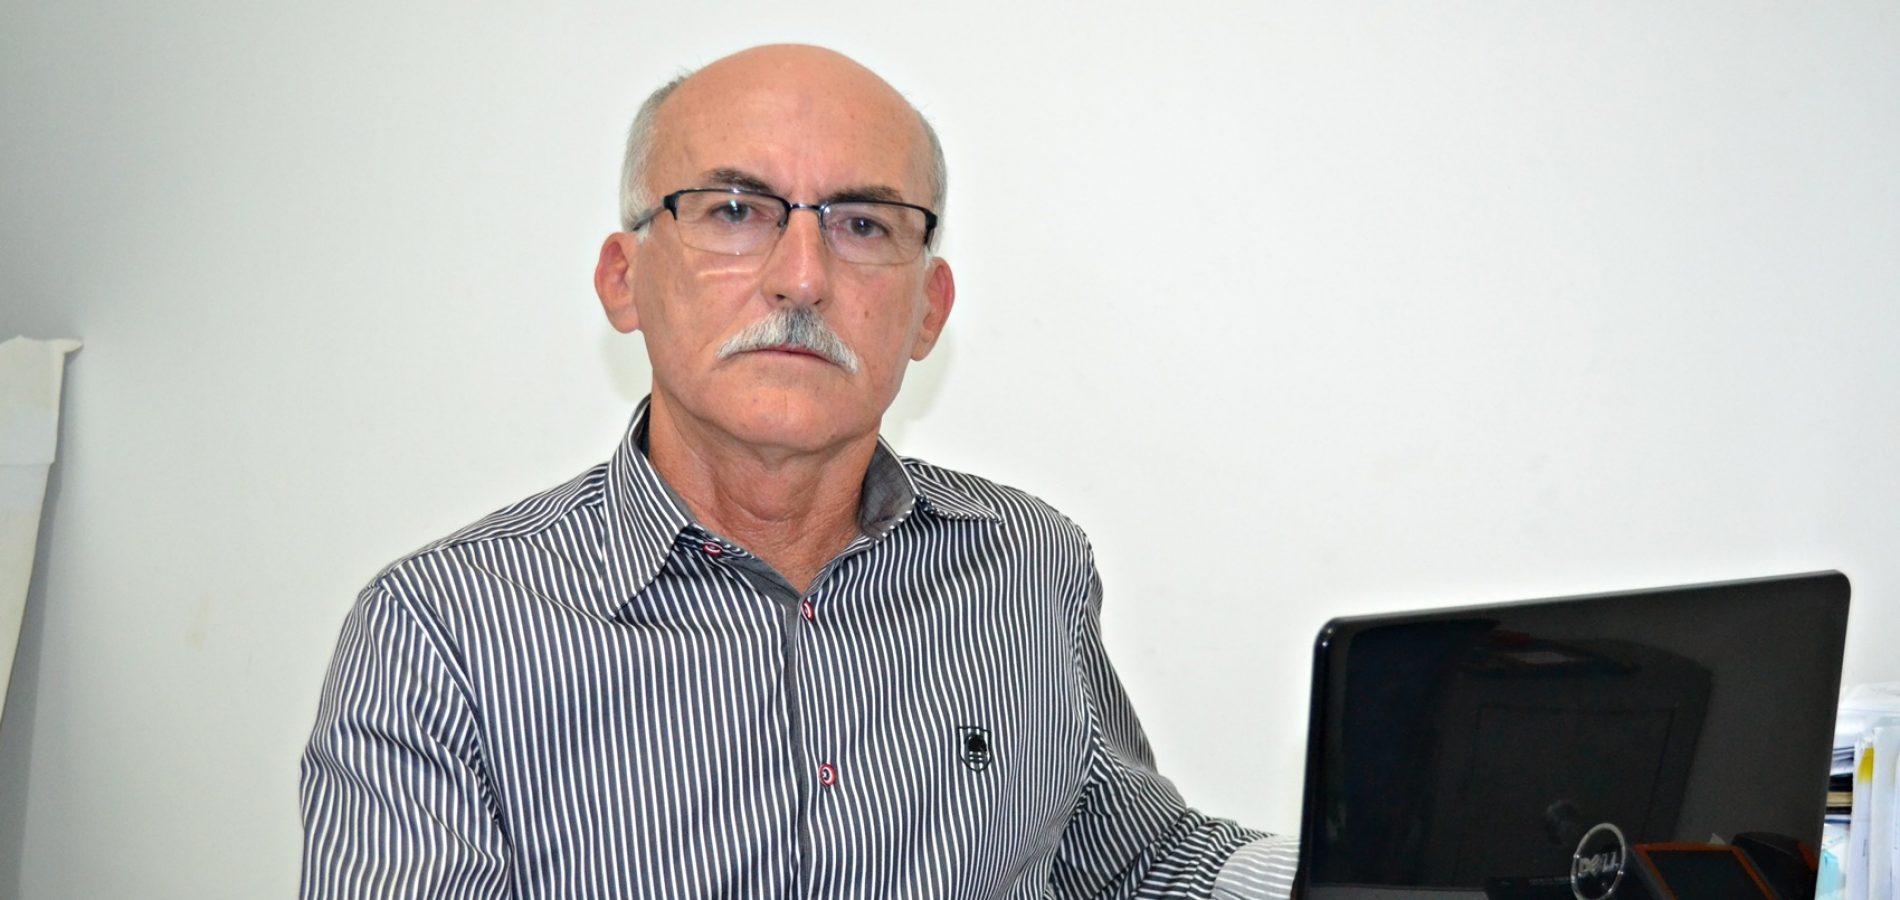 Convenção vai homologar Raimundo Júlio e Jeso Dias como candidatos a prefeito e vice de Queimada Nova